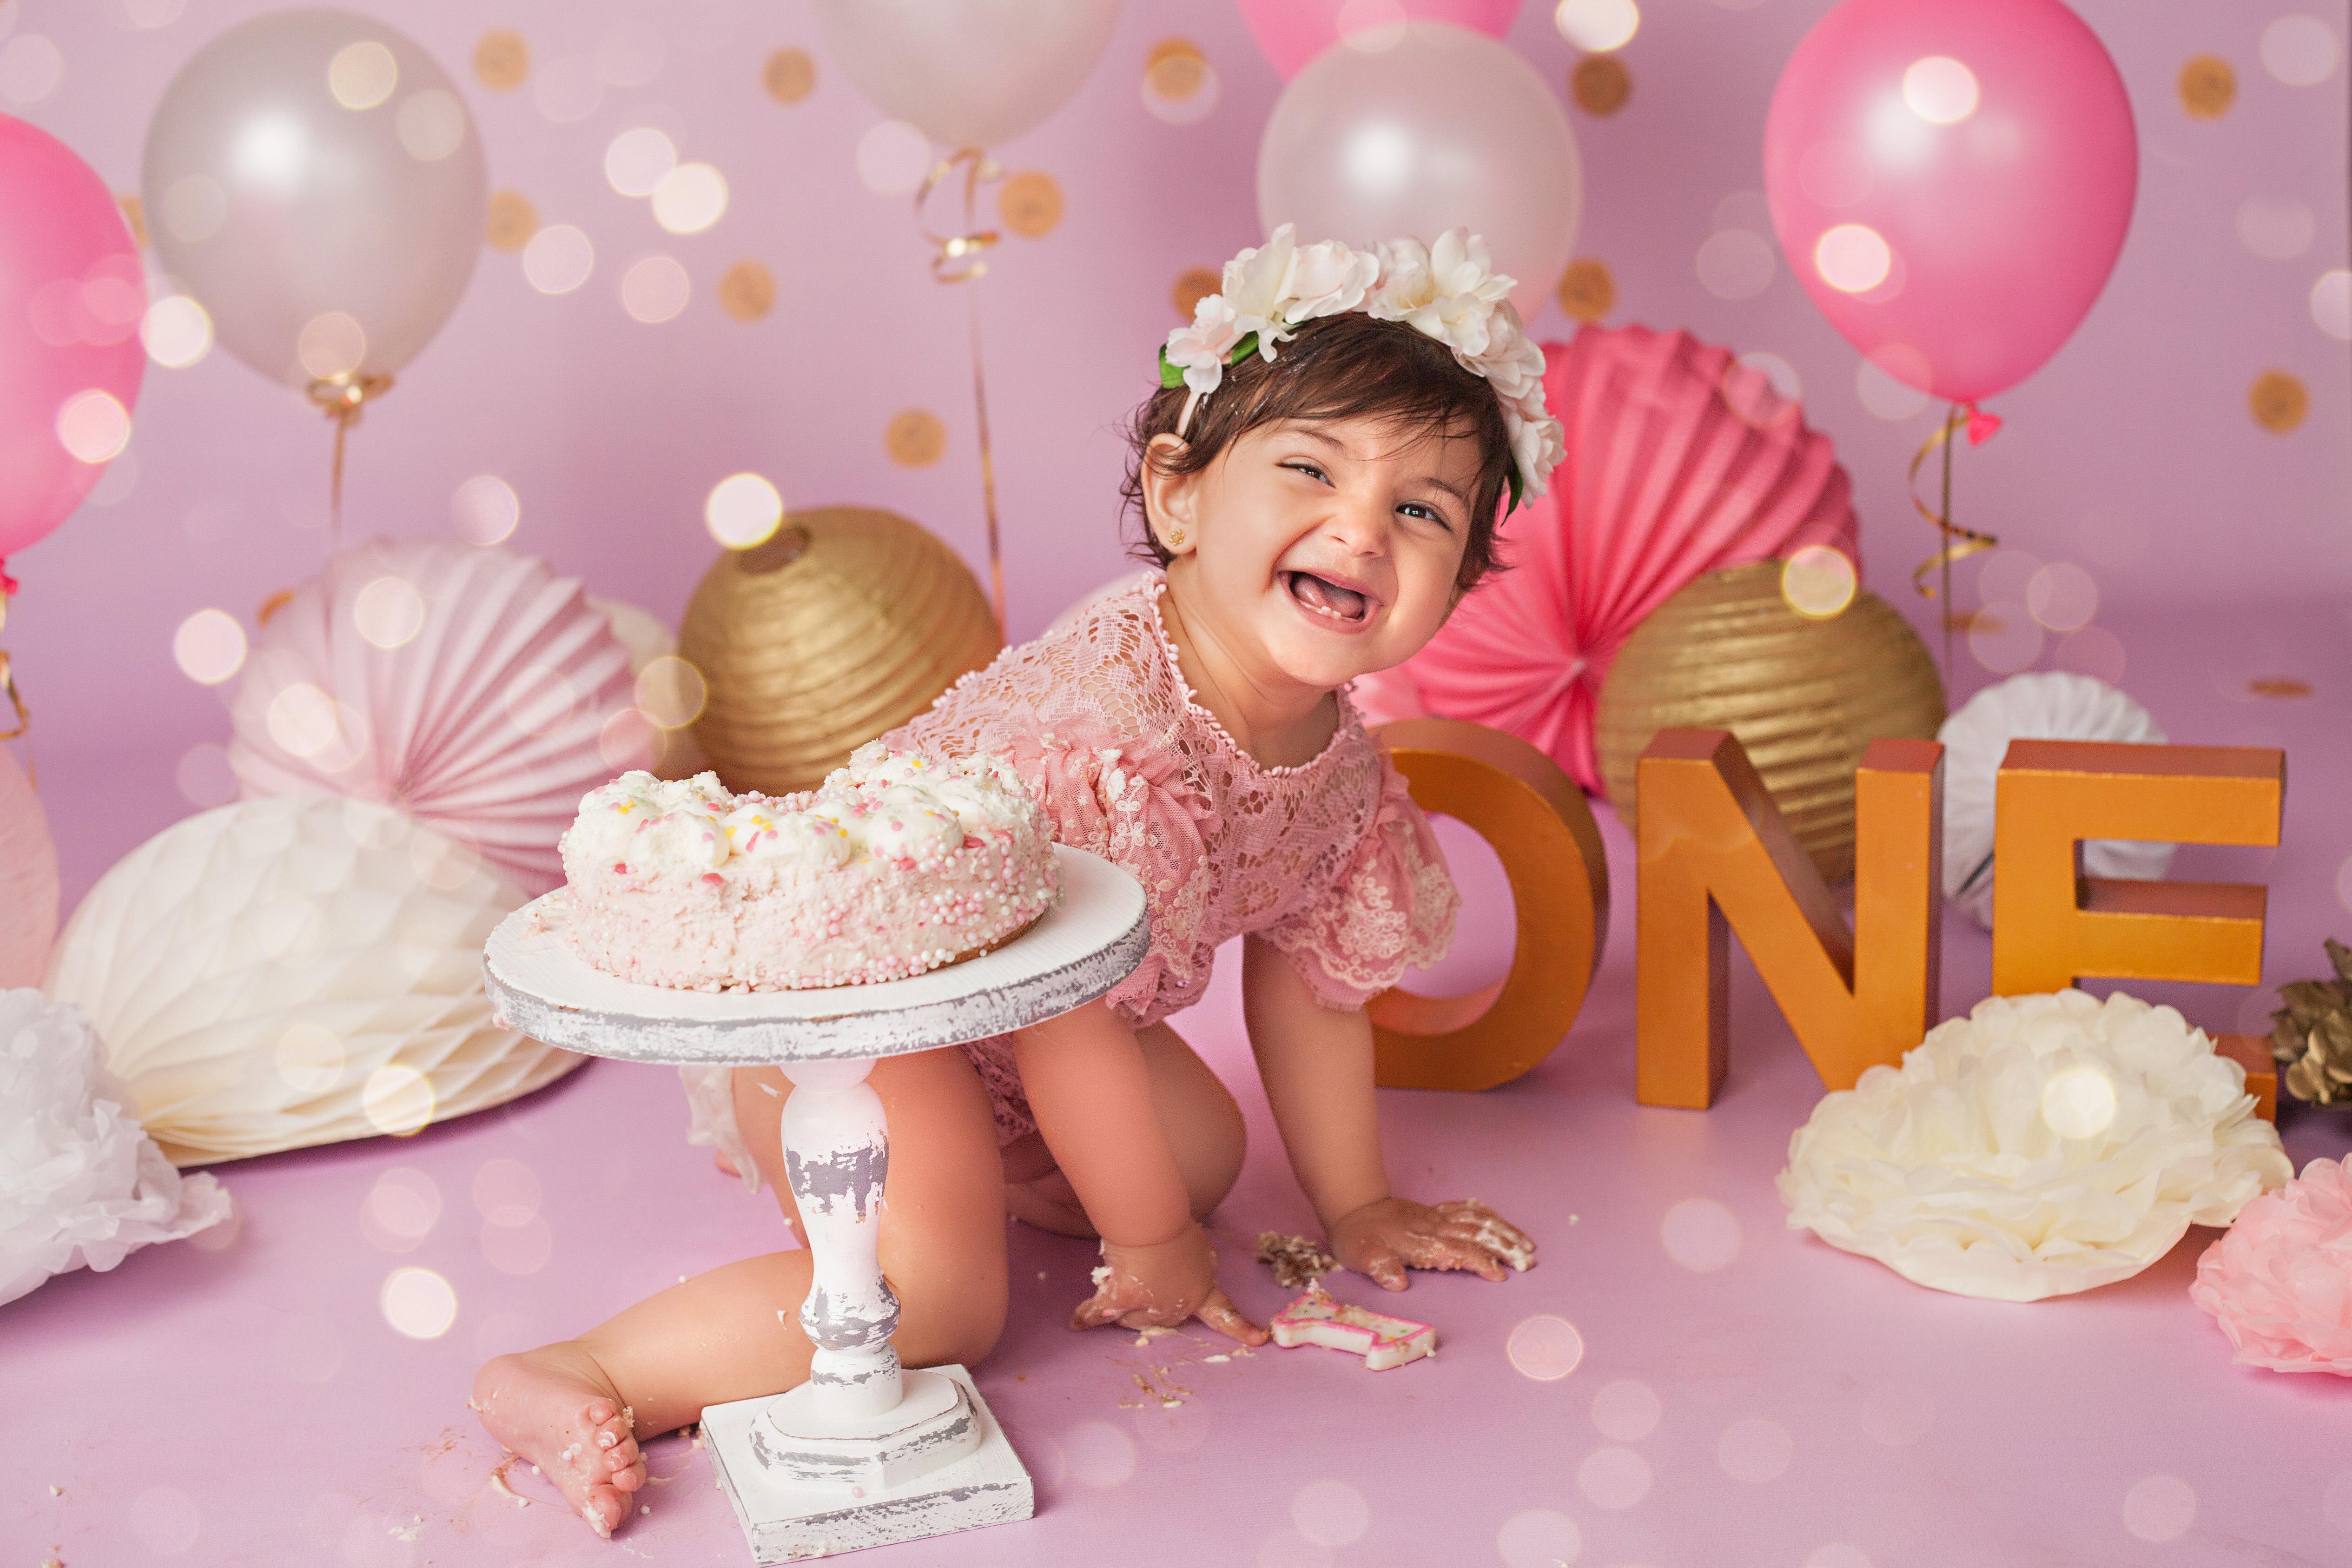 Geburtstags-Fotoshooting Mädchen mit rosa Torte